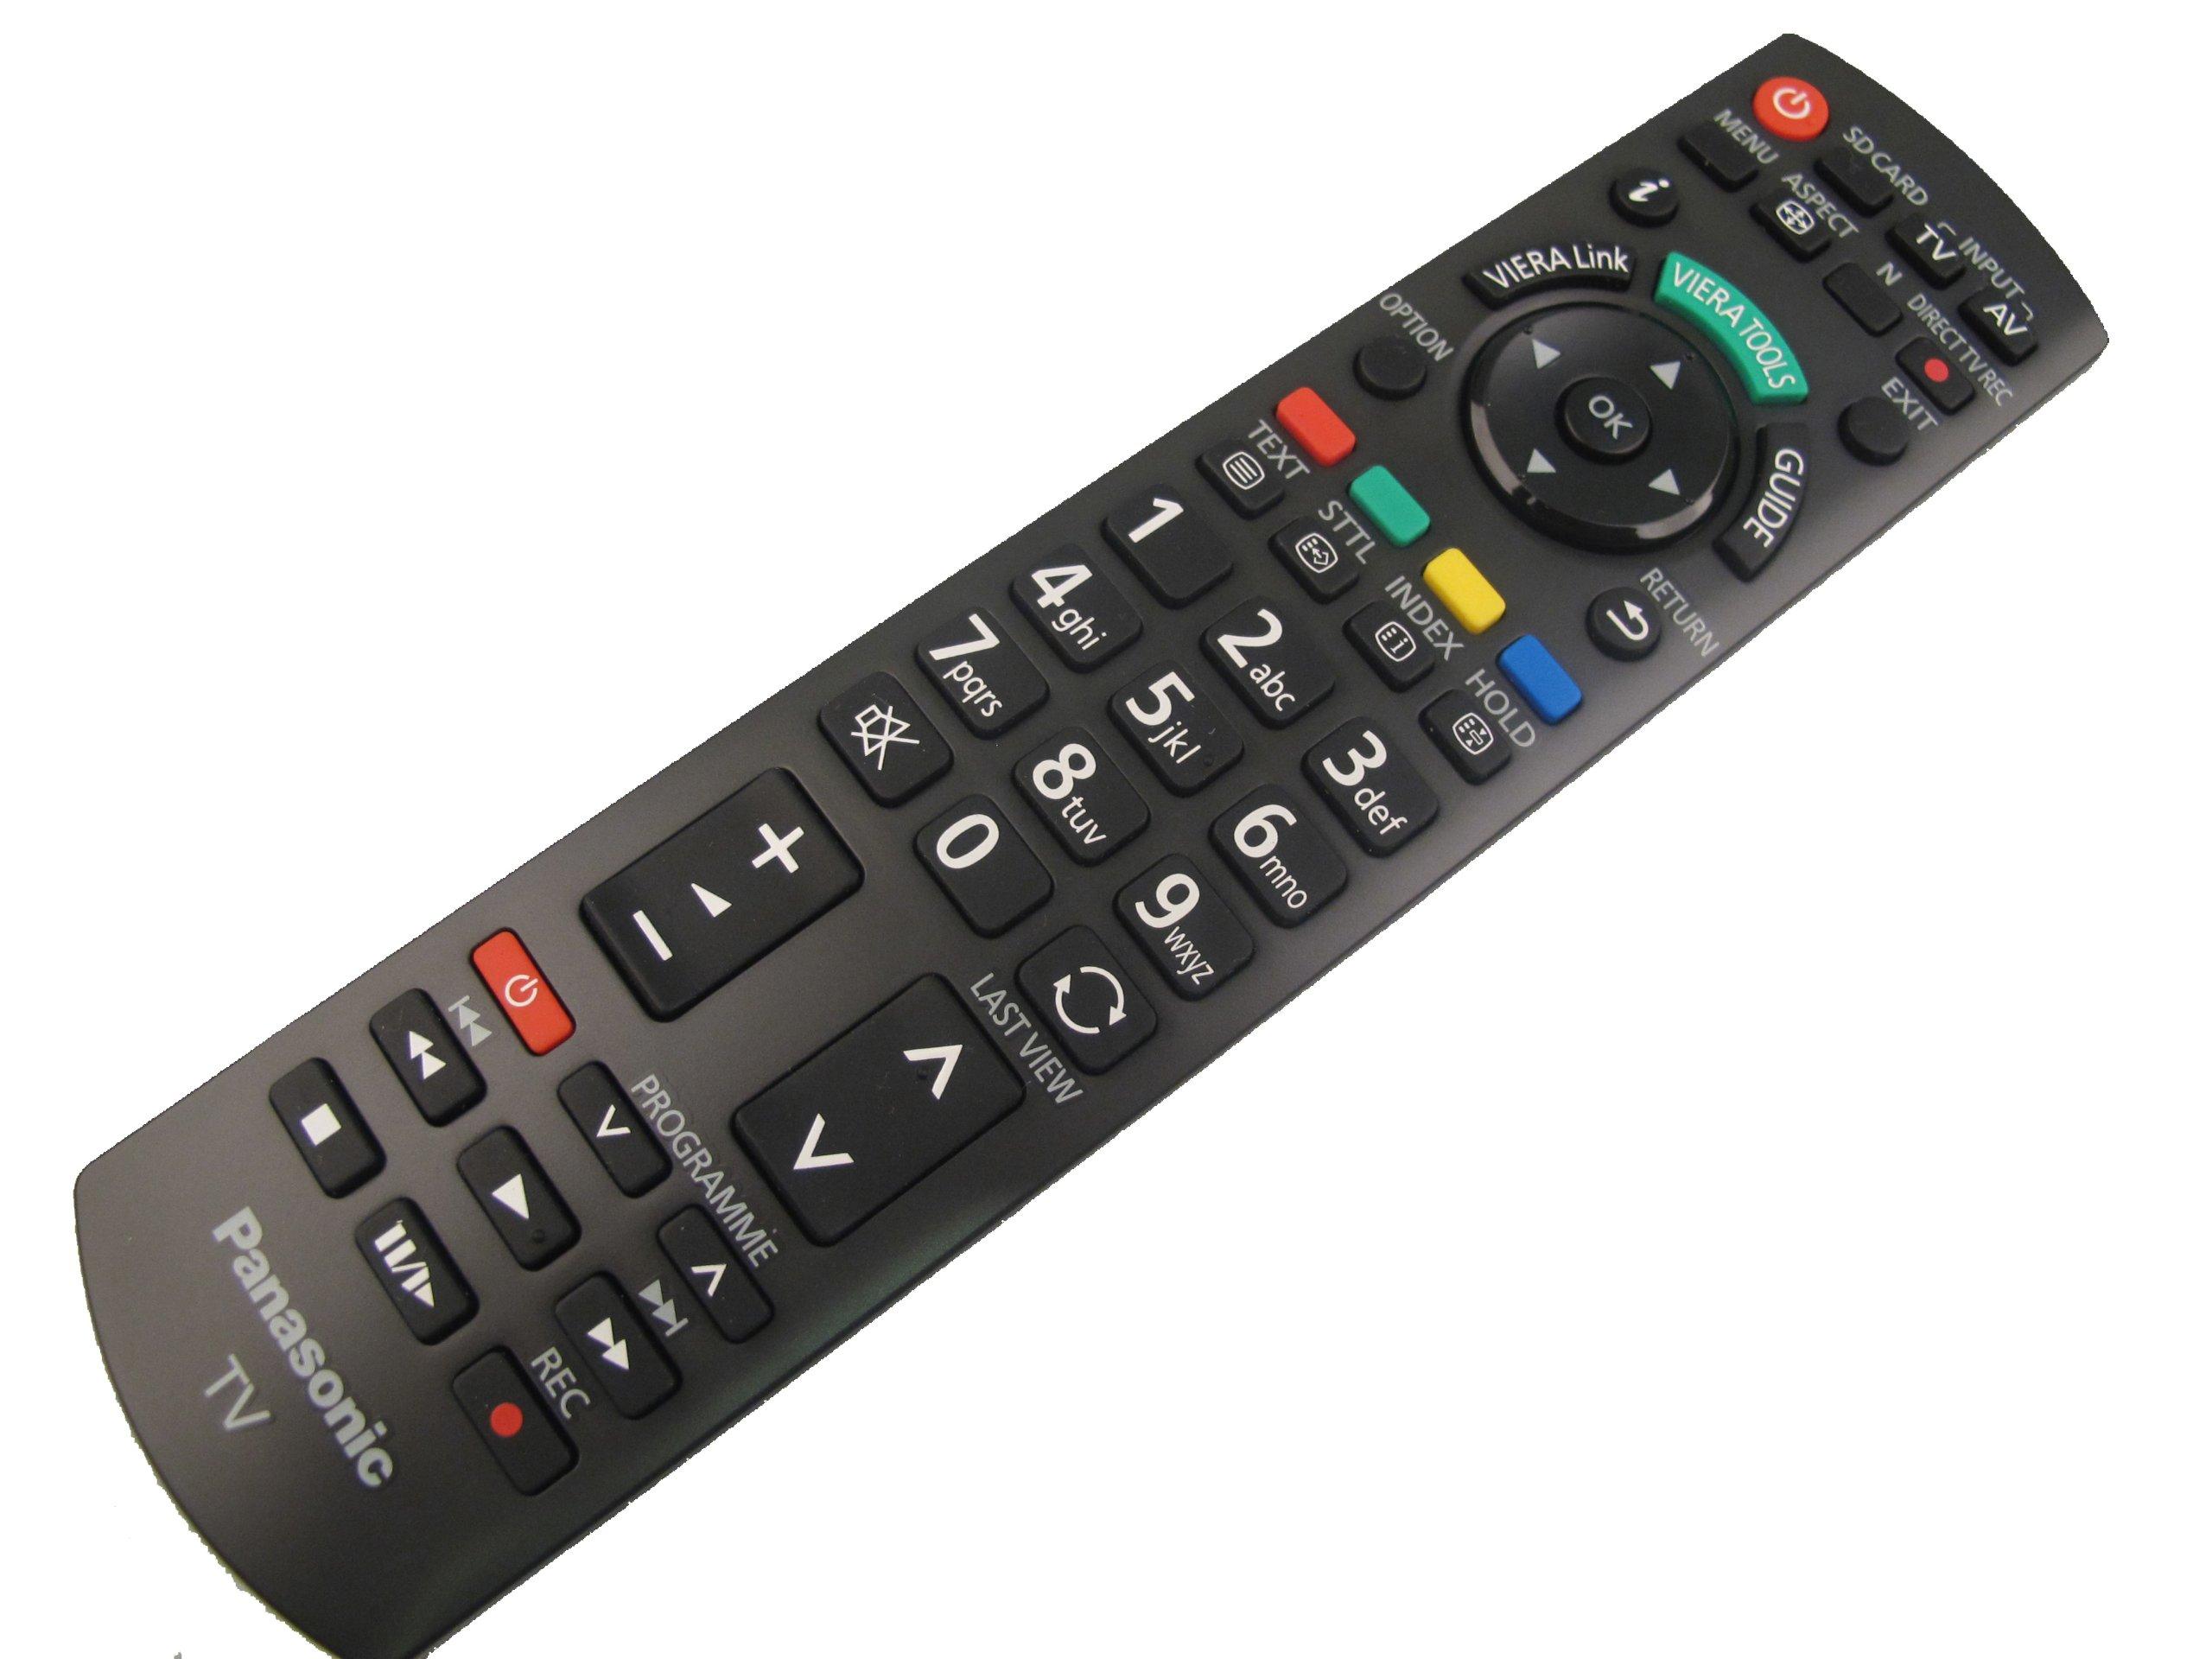 Panasonic N2QAYB000487 - Mando a distancia para televisores plasma y LCD: Amazon.es: Electrónica